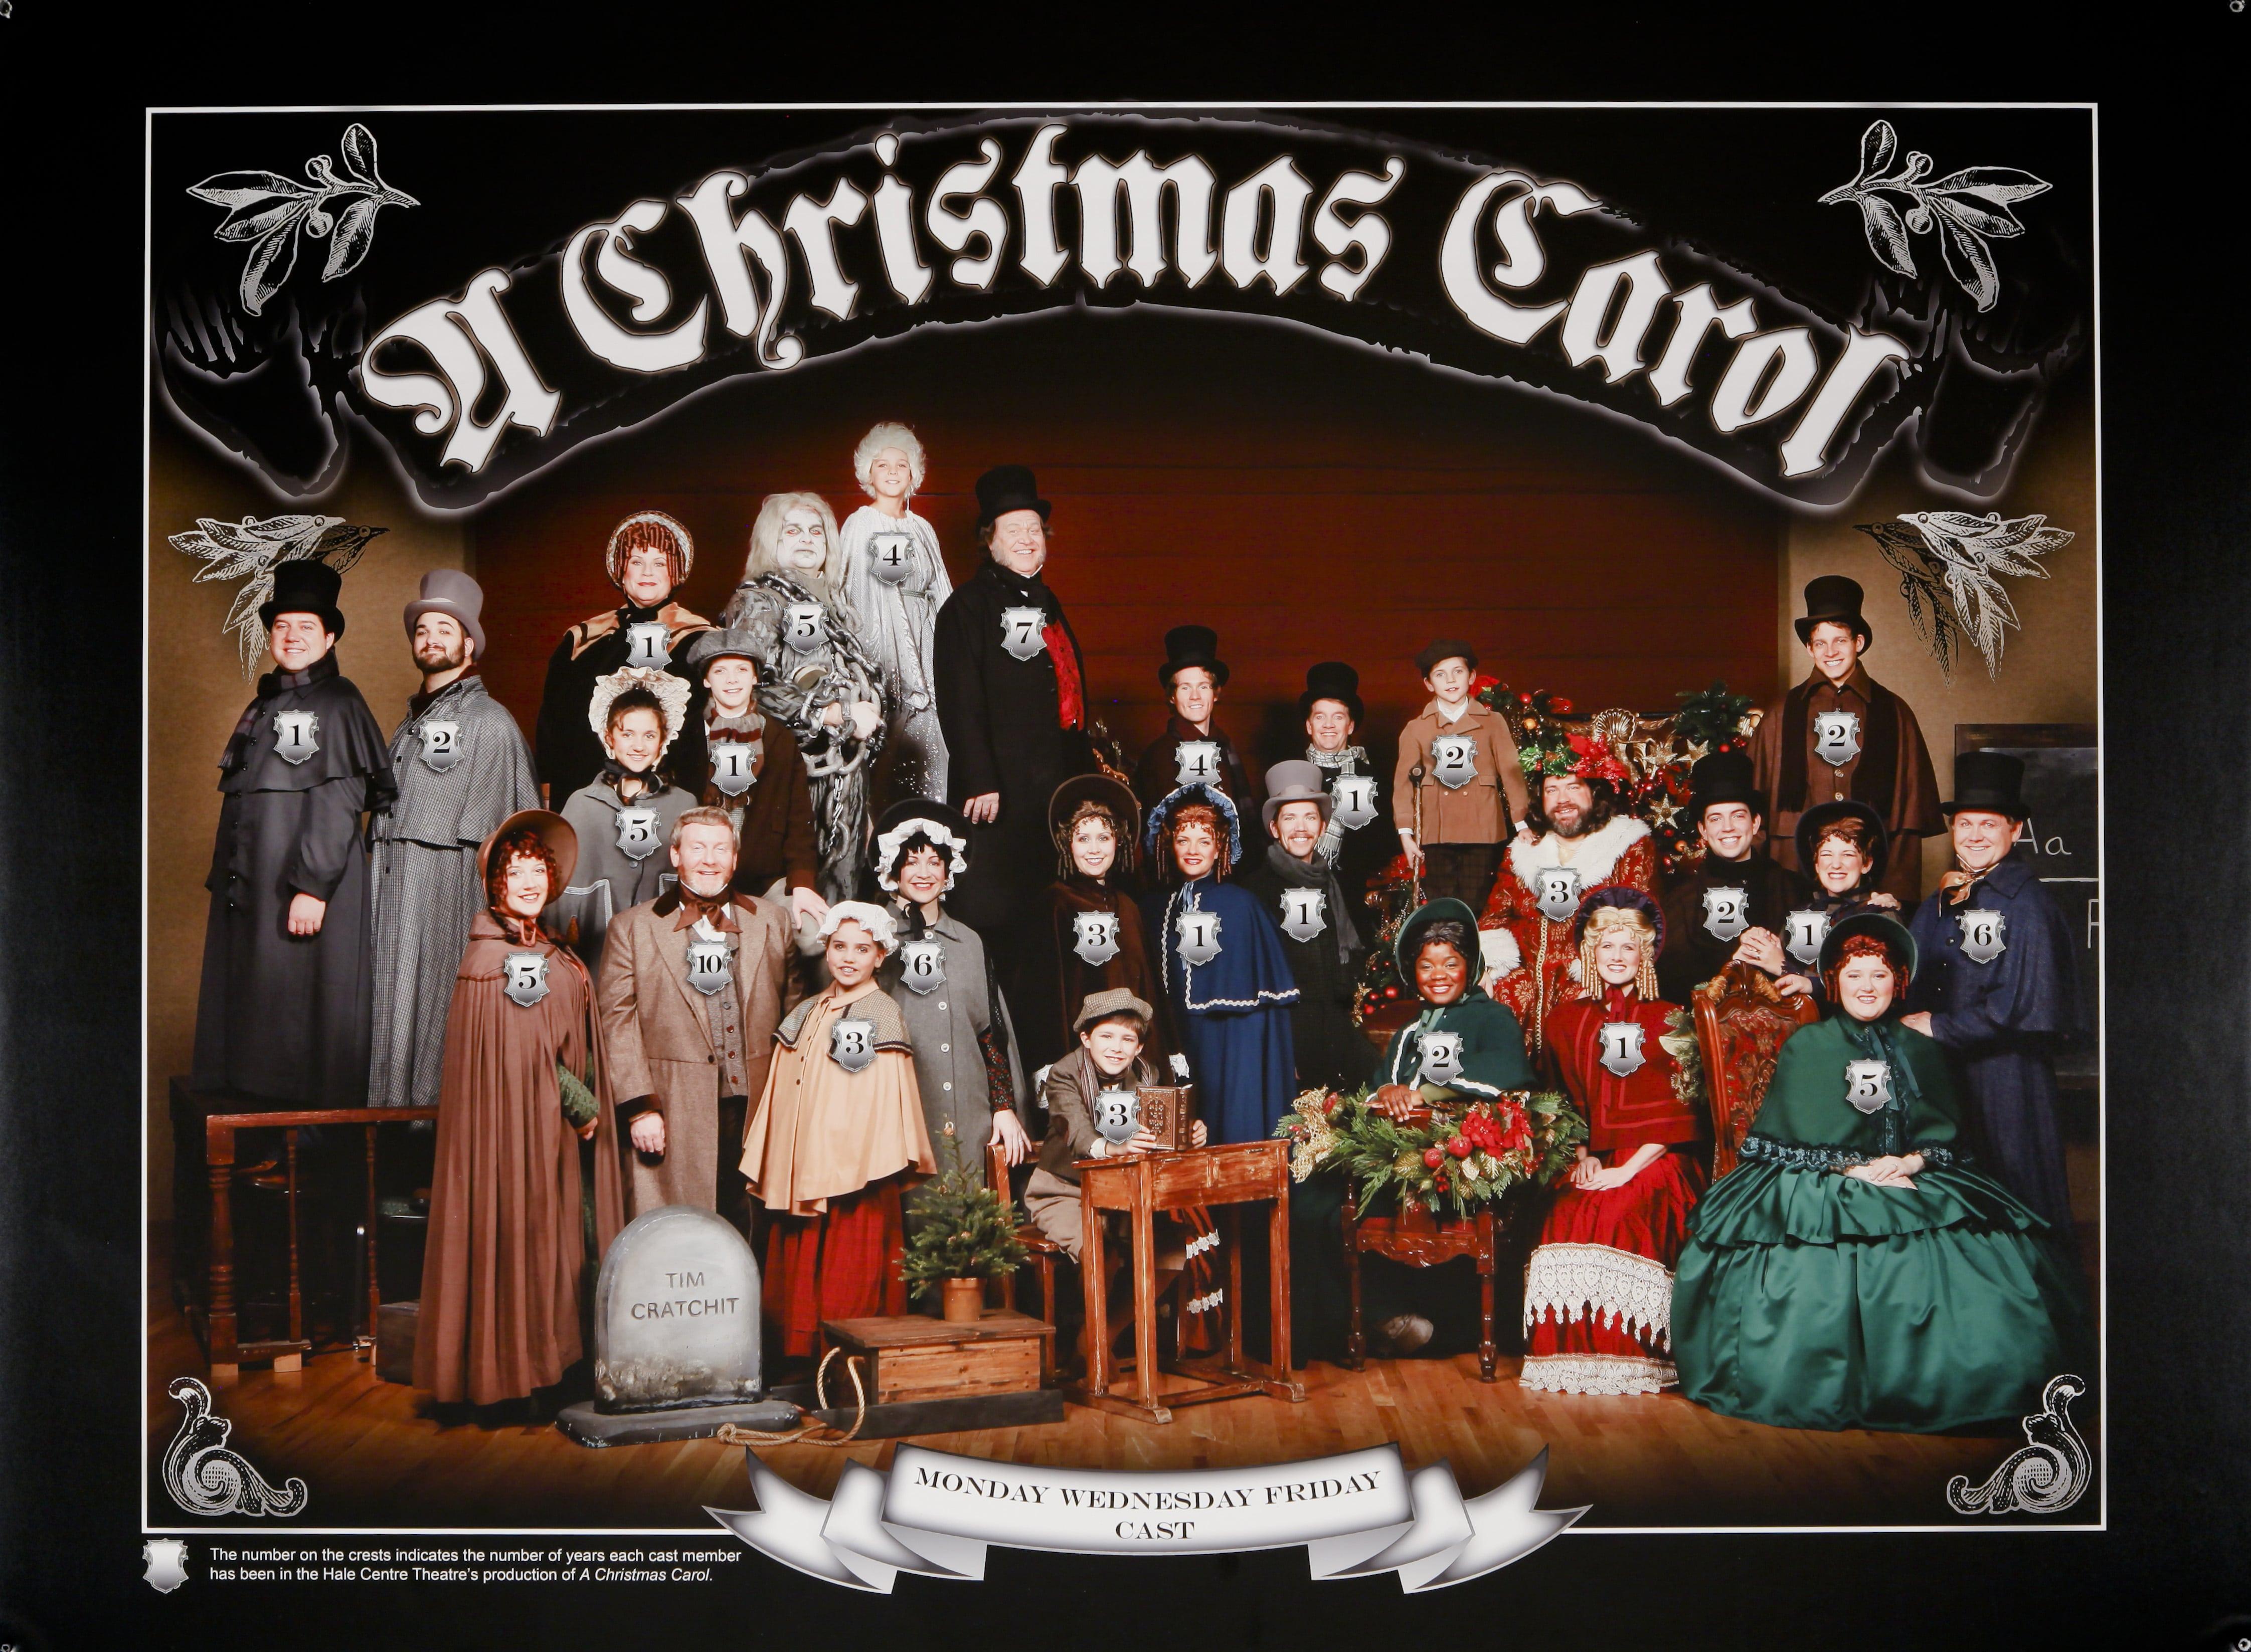 Hale Centre Theatre's 2009 A Christmas Carol Cast